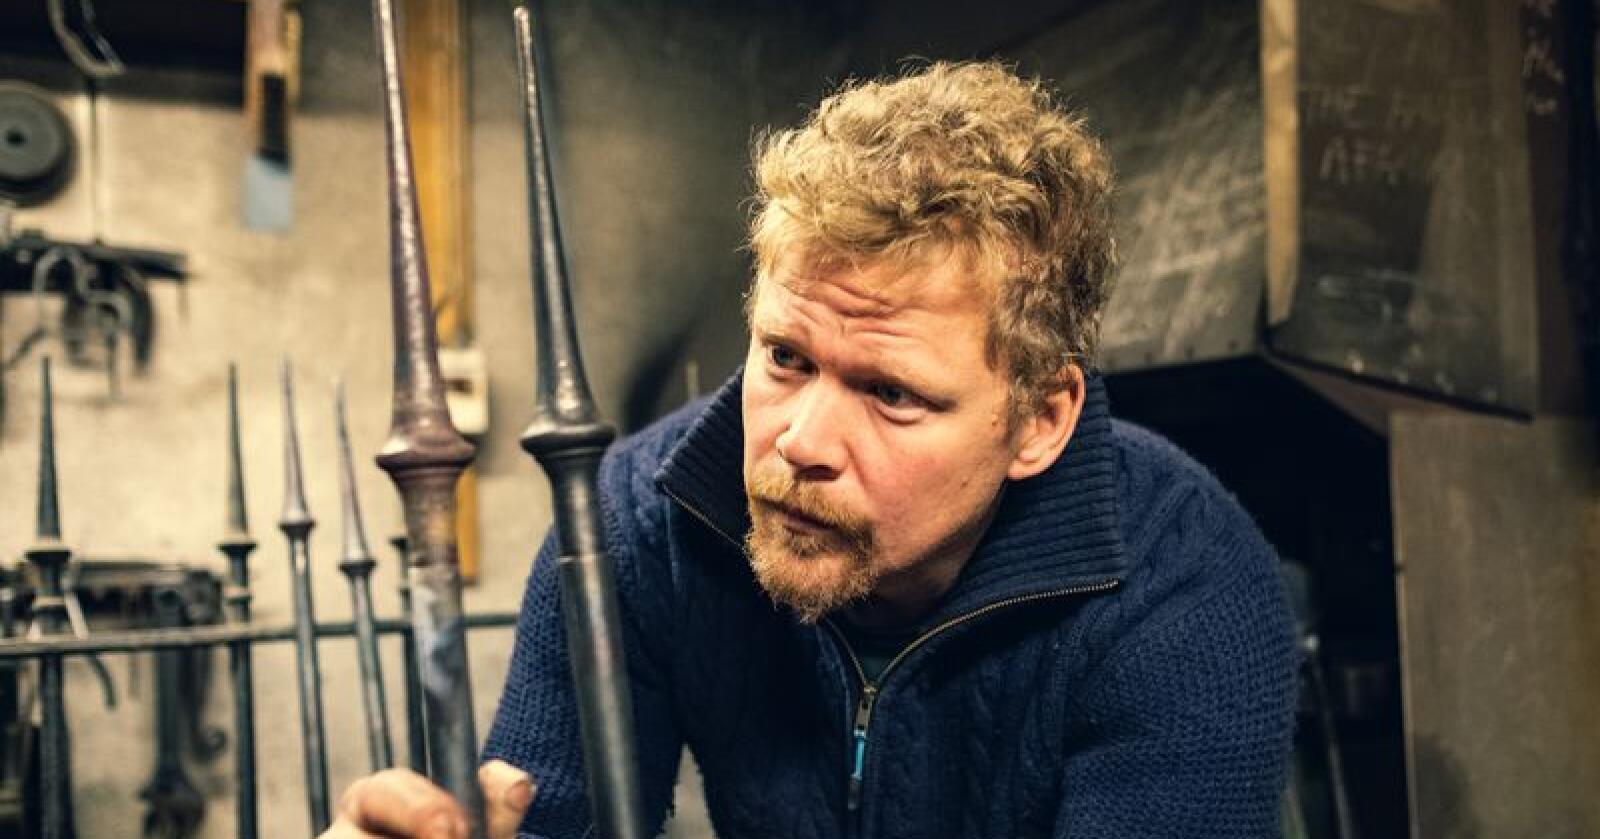 Knut Olav Dokken skal smi 30 slike spyd til portene på Frogner kino. Foto: Bård Gundersen